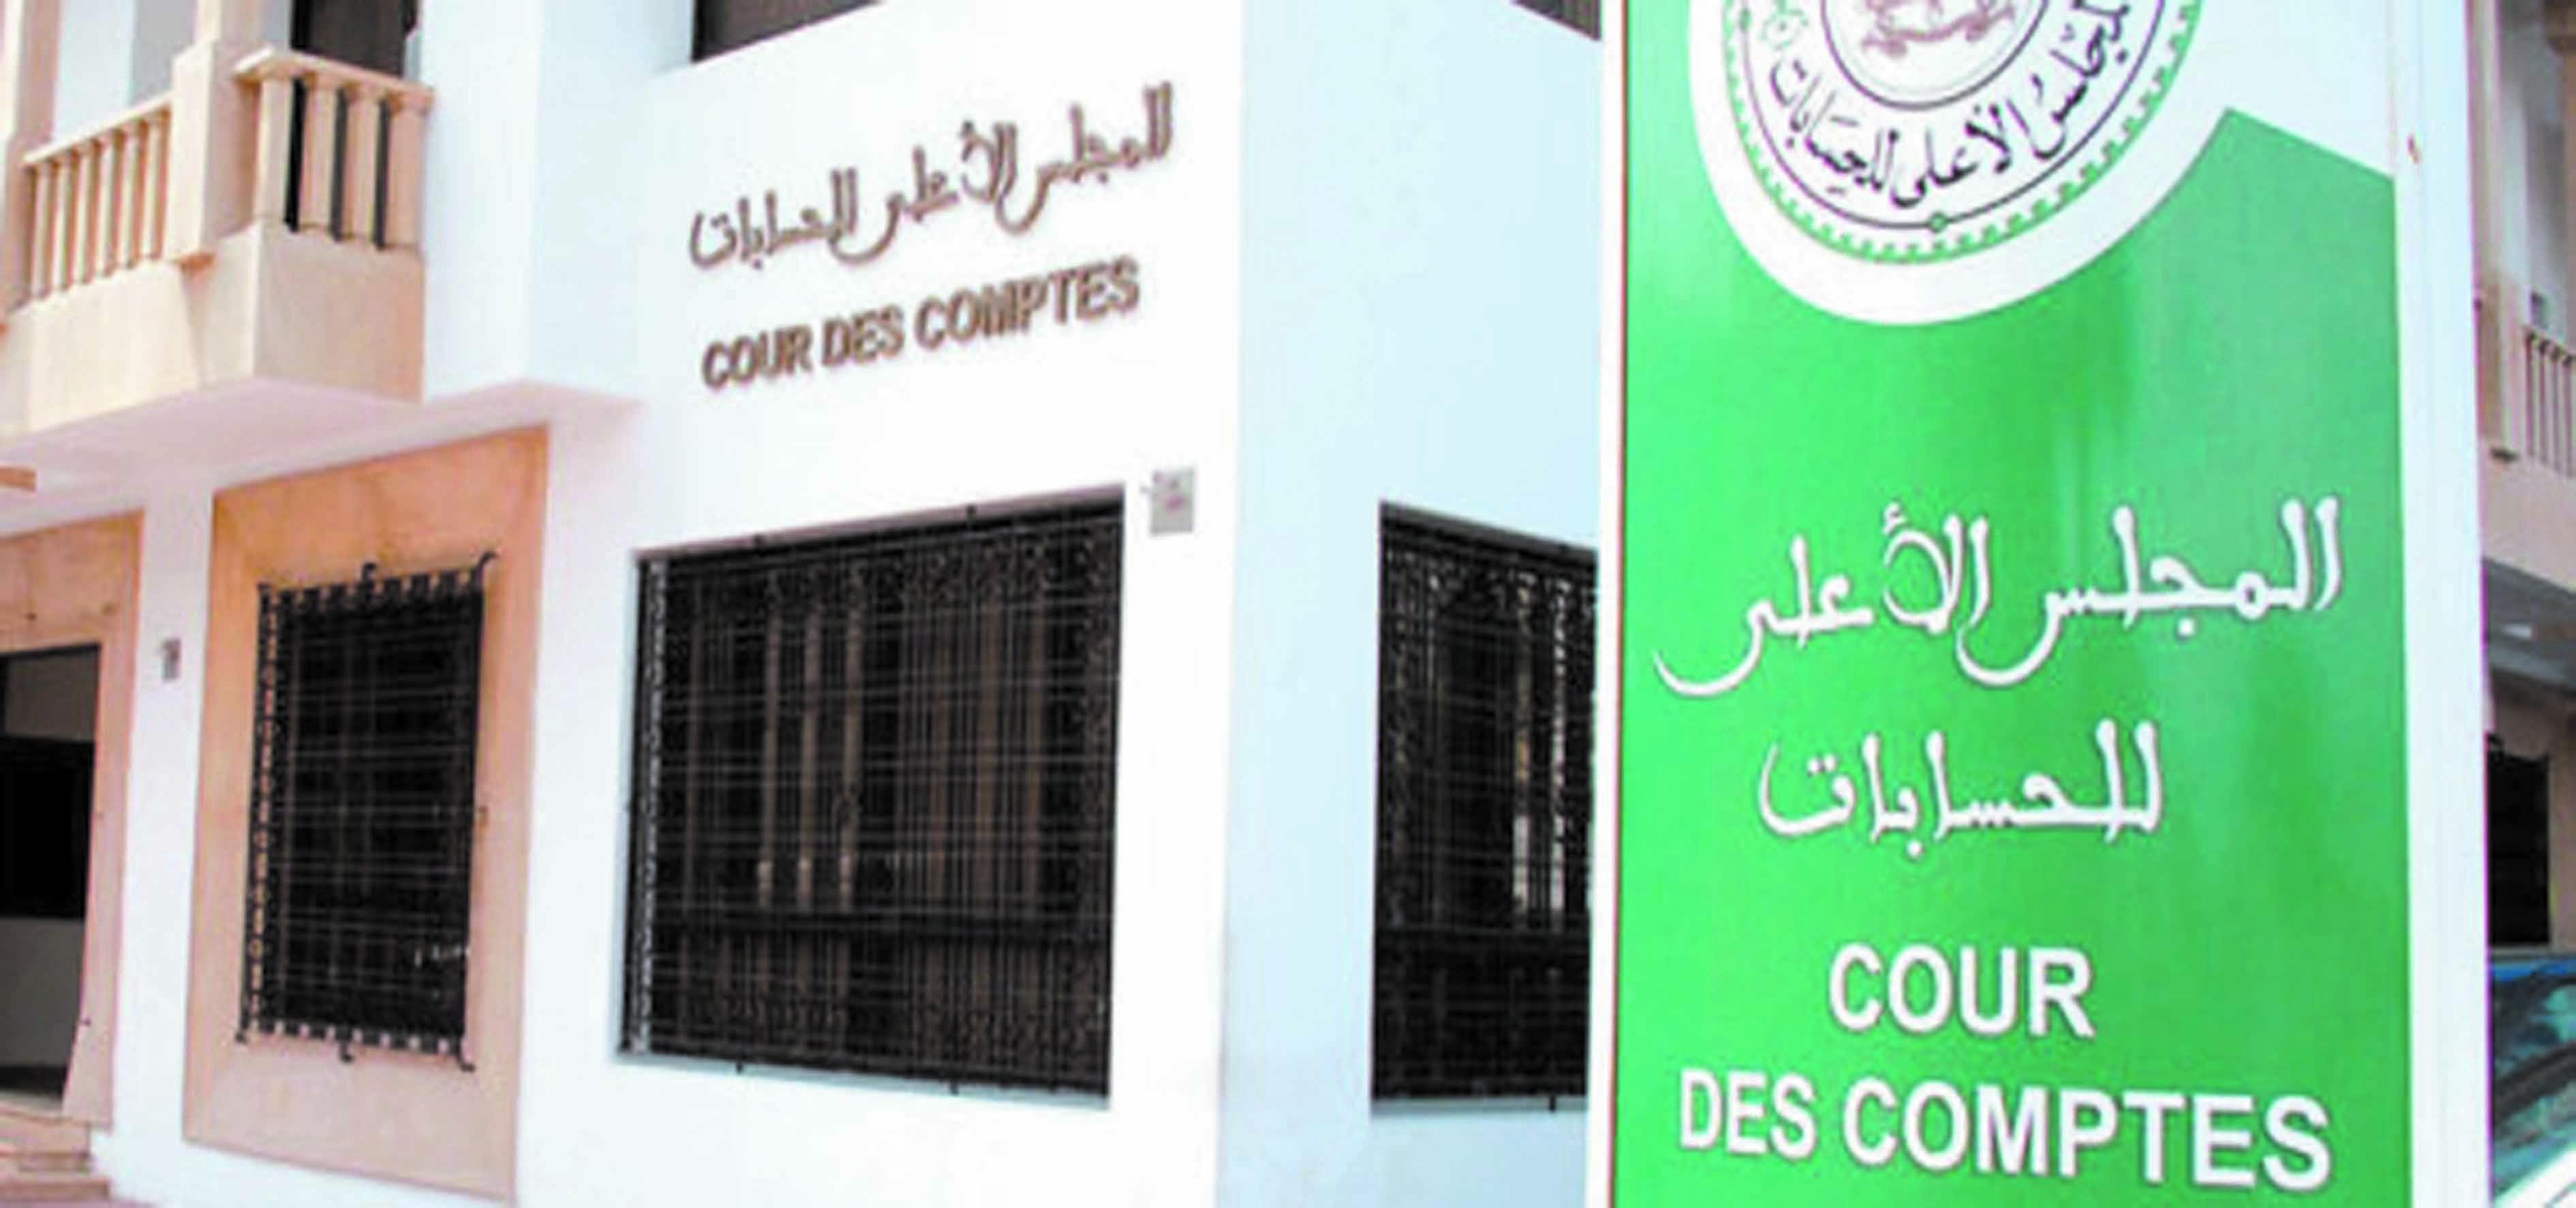 La Cour des comptes plaide pour l'engagement du gouvernement et l'implication des fonctionnaires